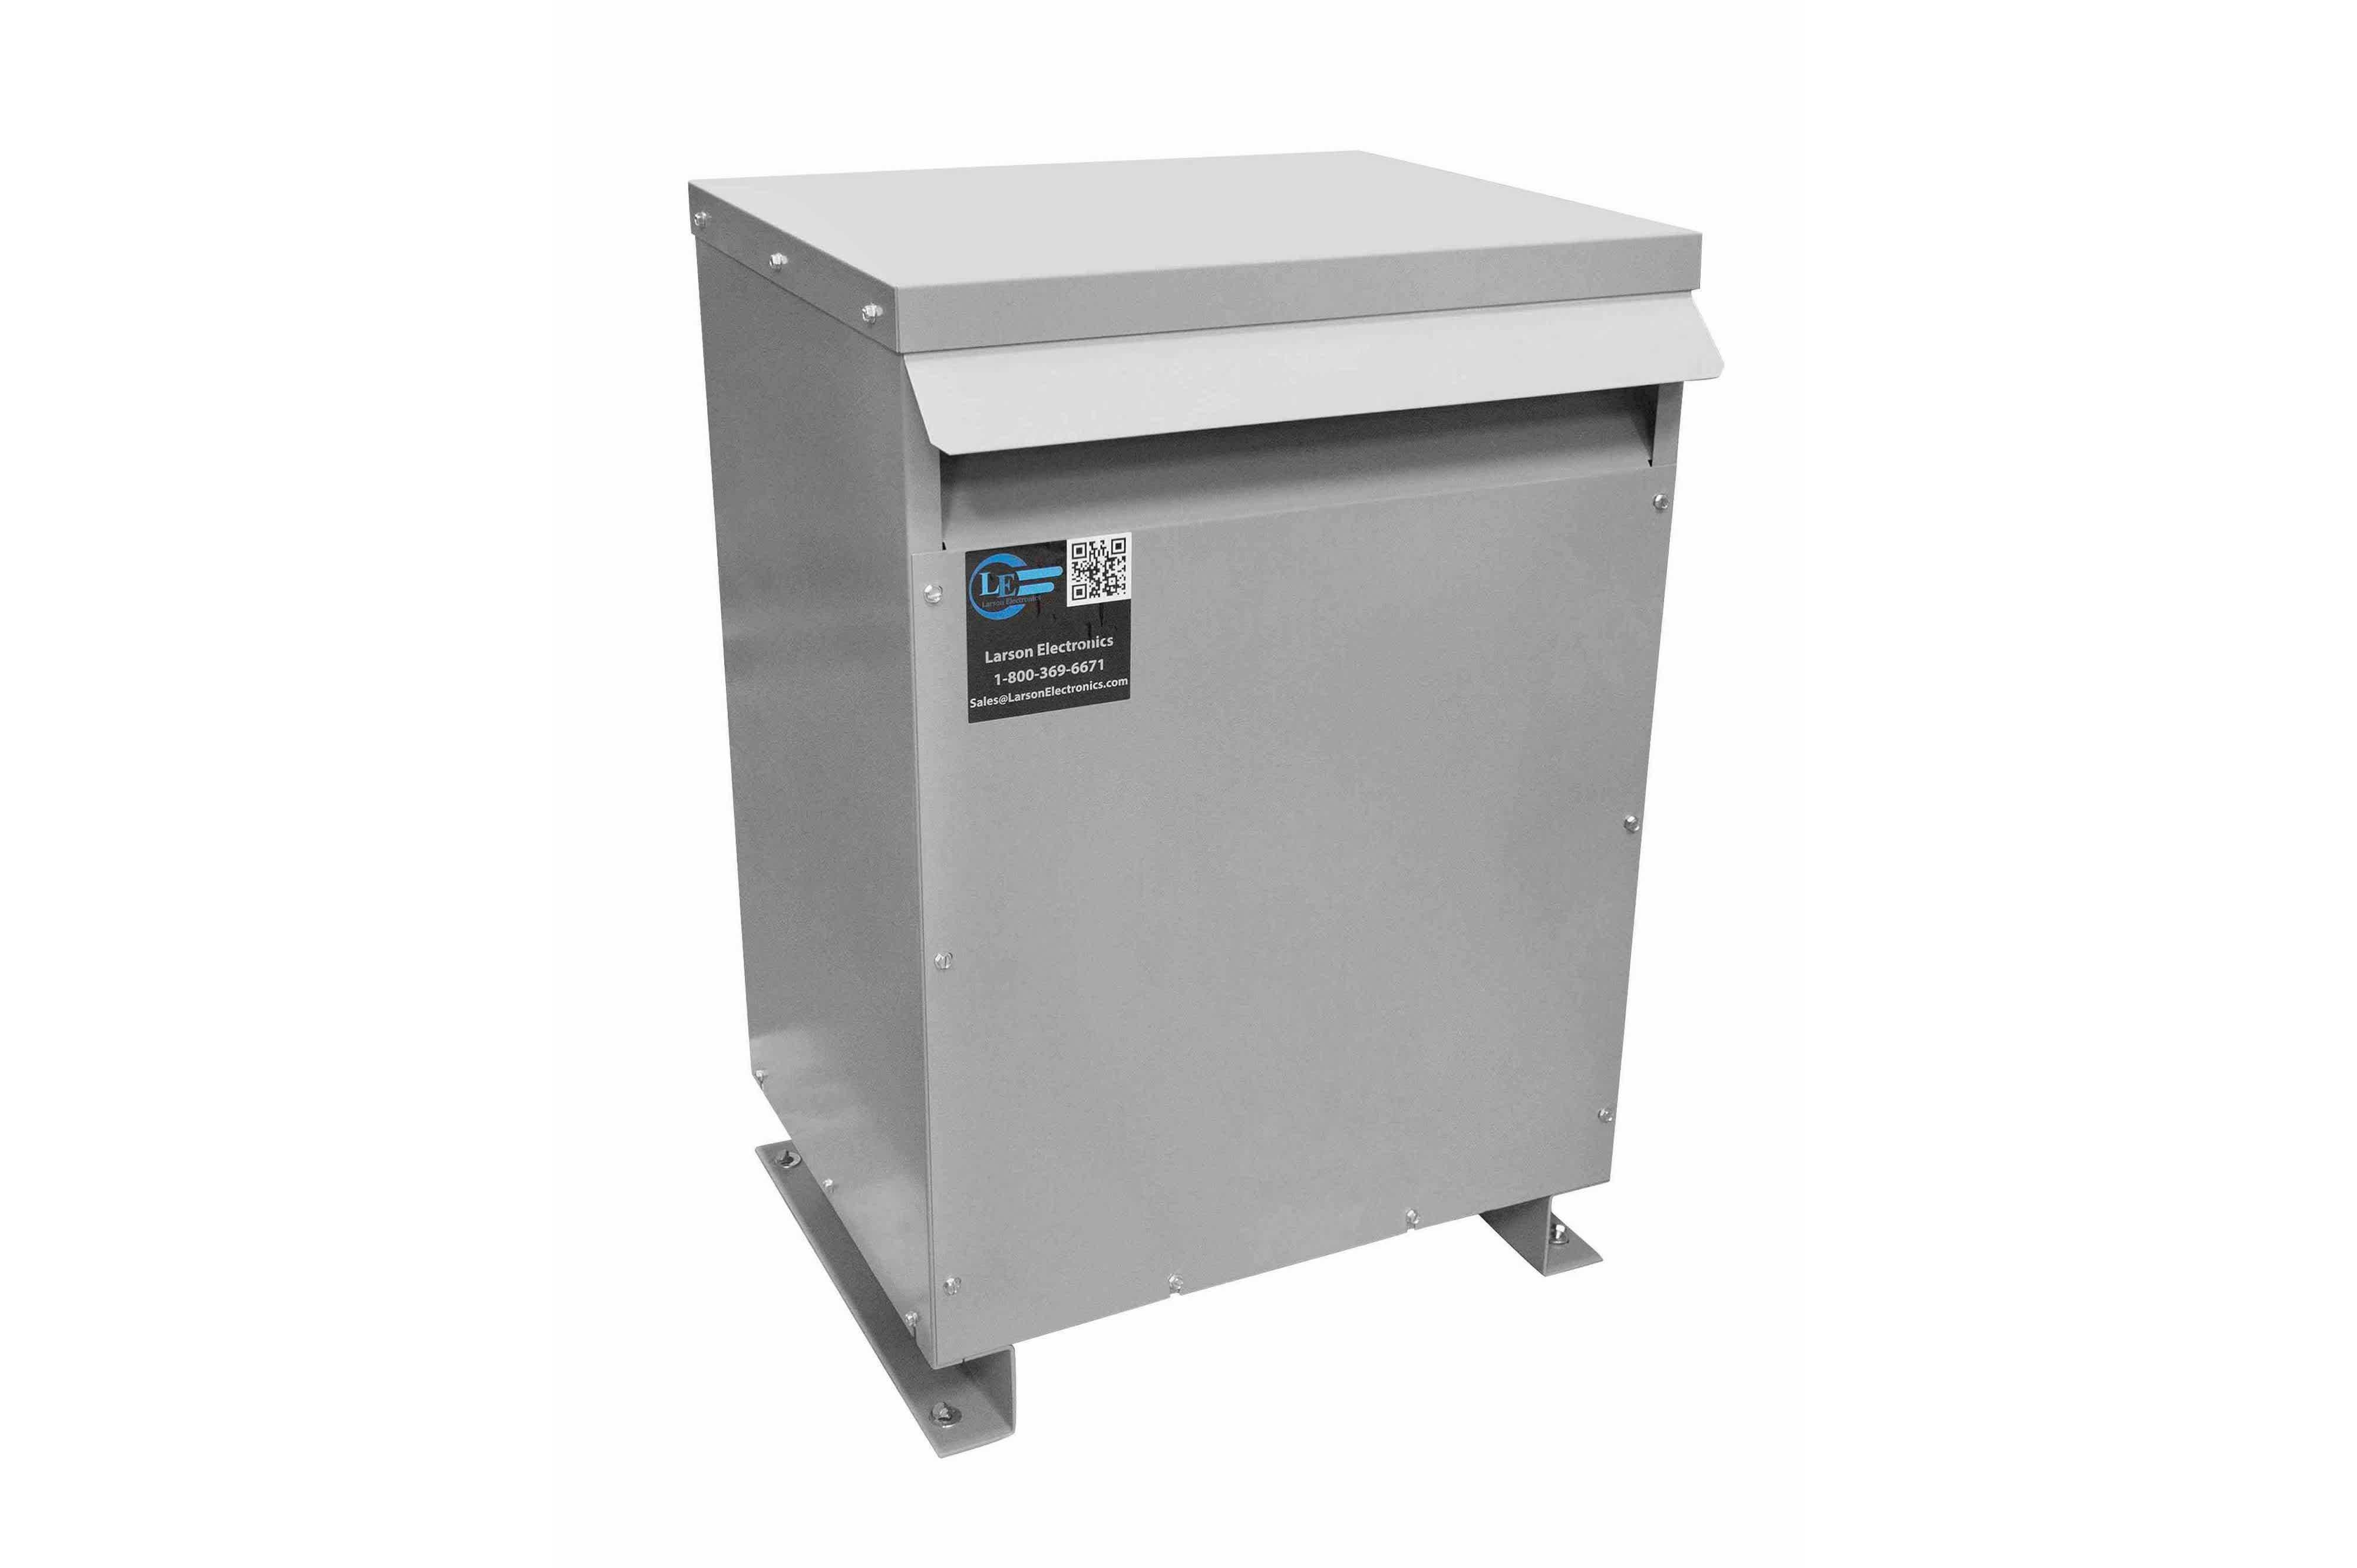 225 kVA 3PH Isolation Transformer, 600V Delta Primary, 460V Delta Secondary, N3R, Ventilated, 60 Hz